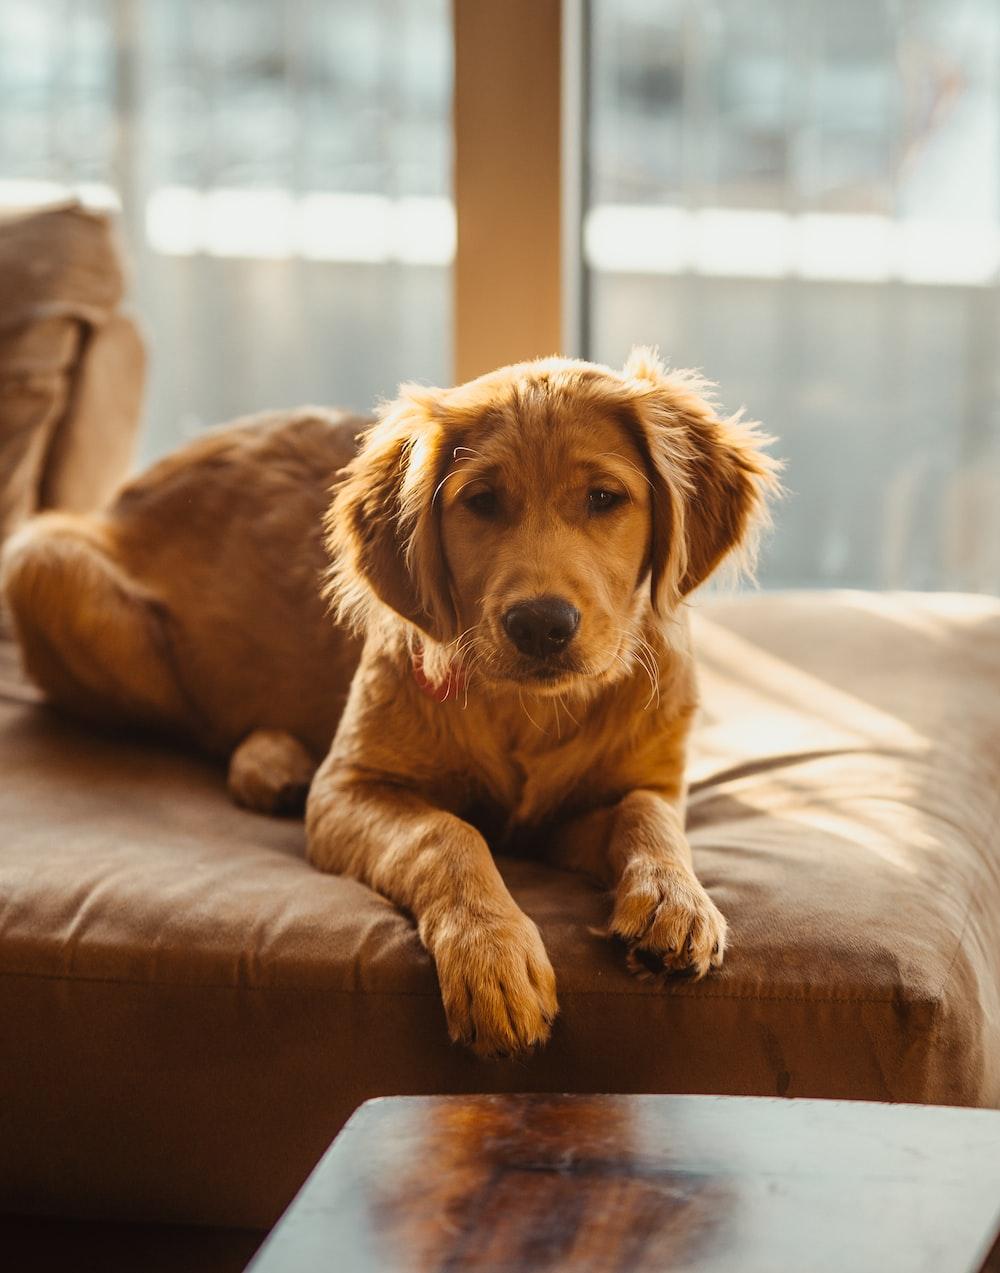 golden retriever puppy lying on brown wooden floor